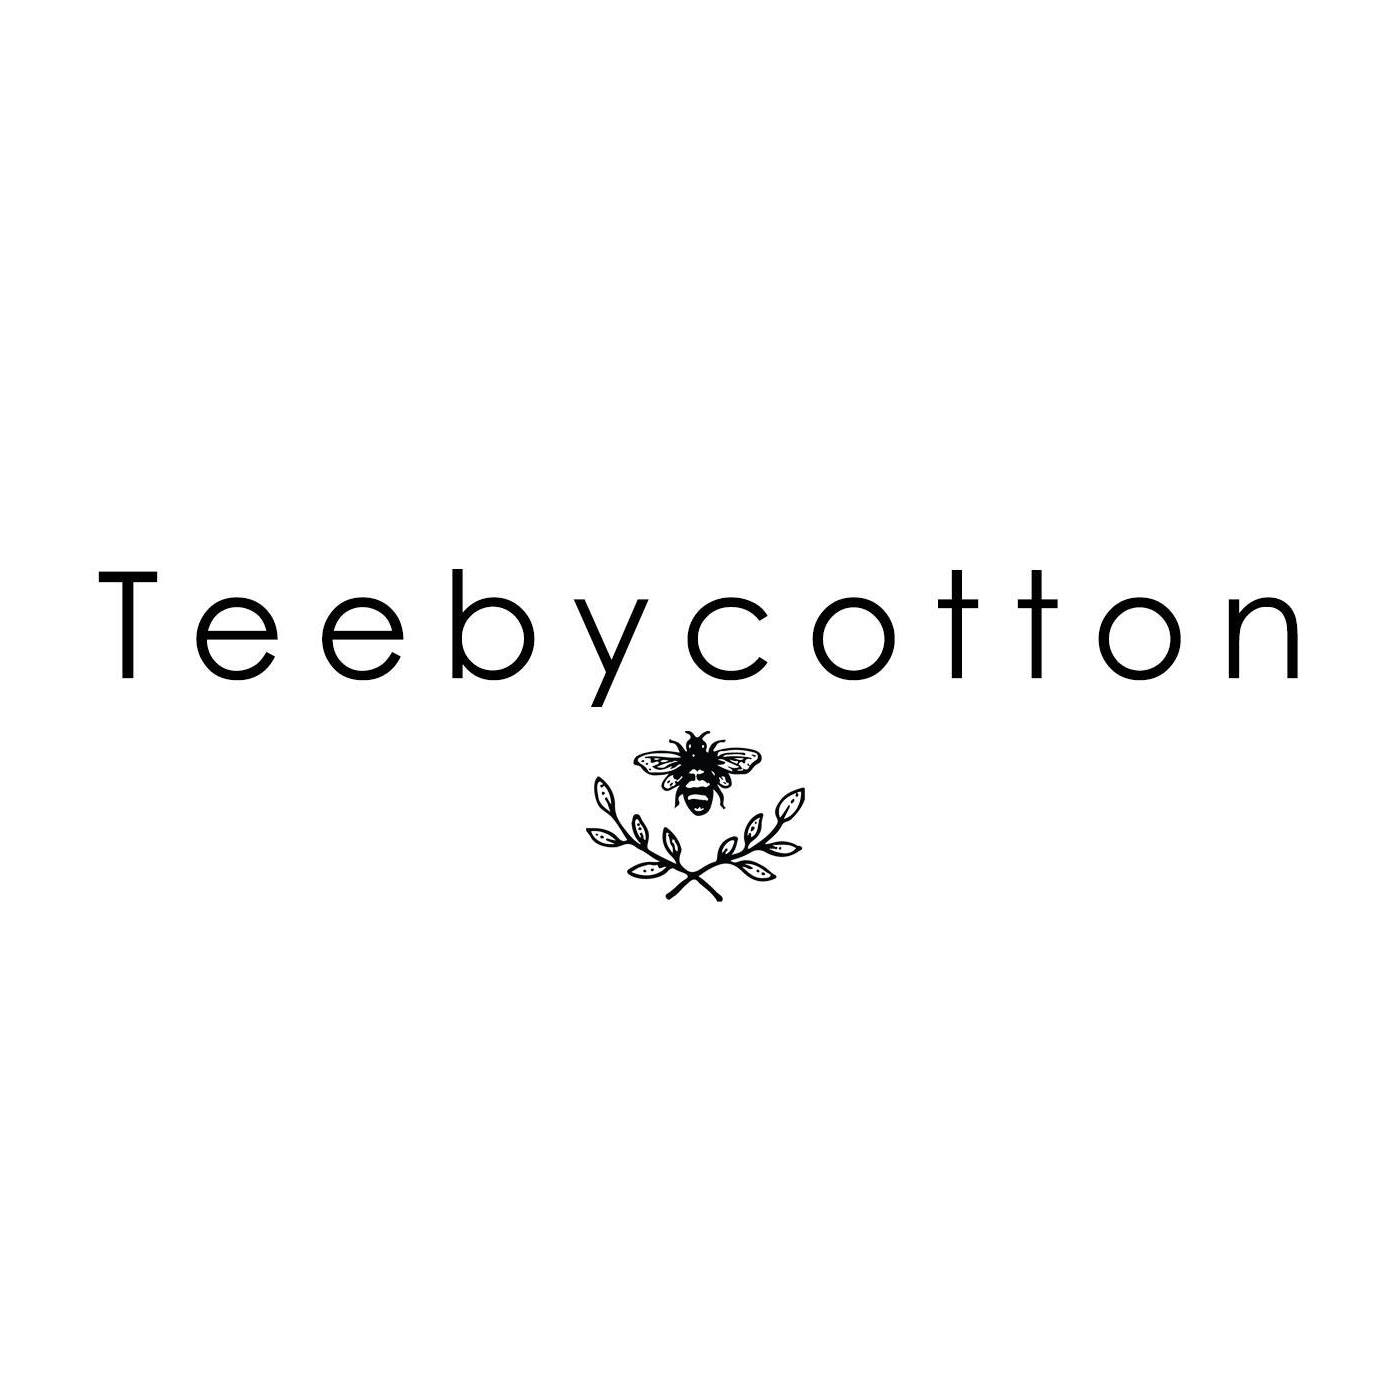 تي باي كوتون Tee By Cotton